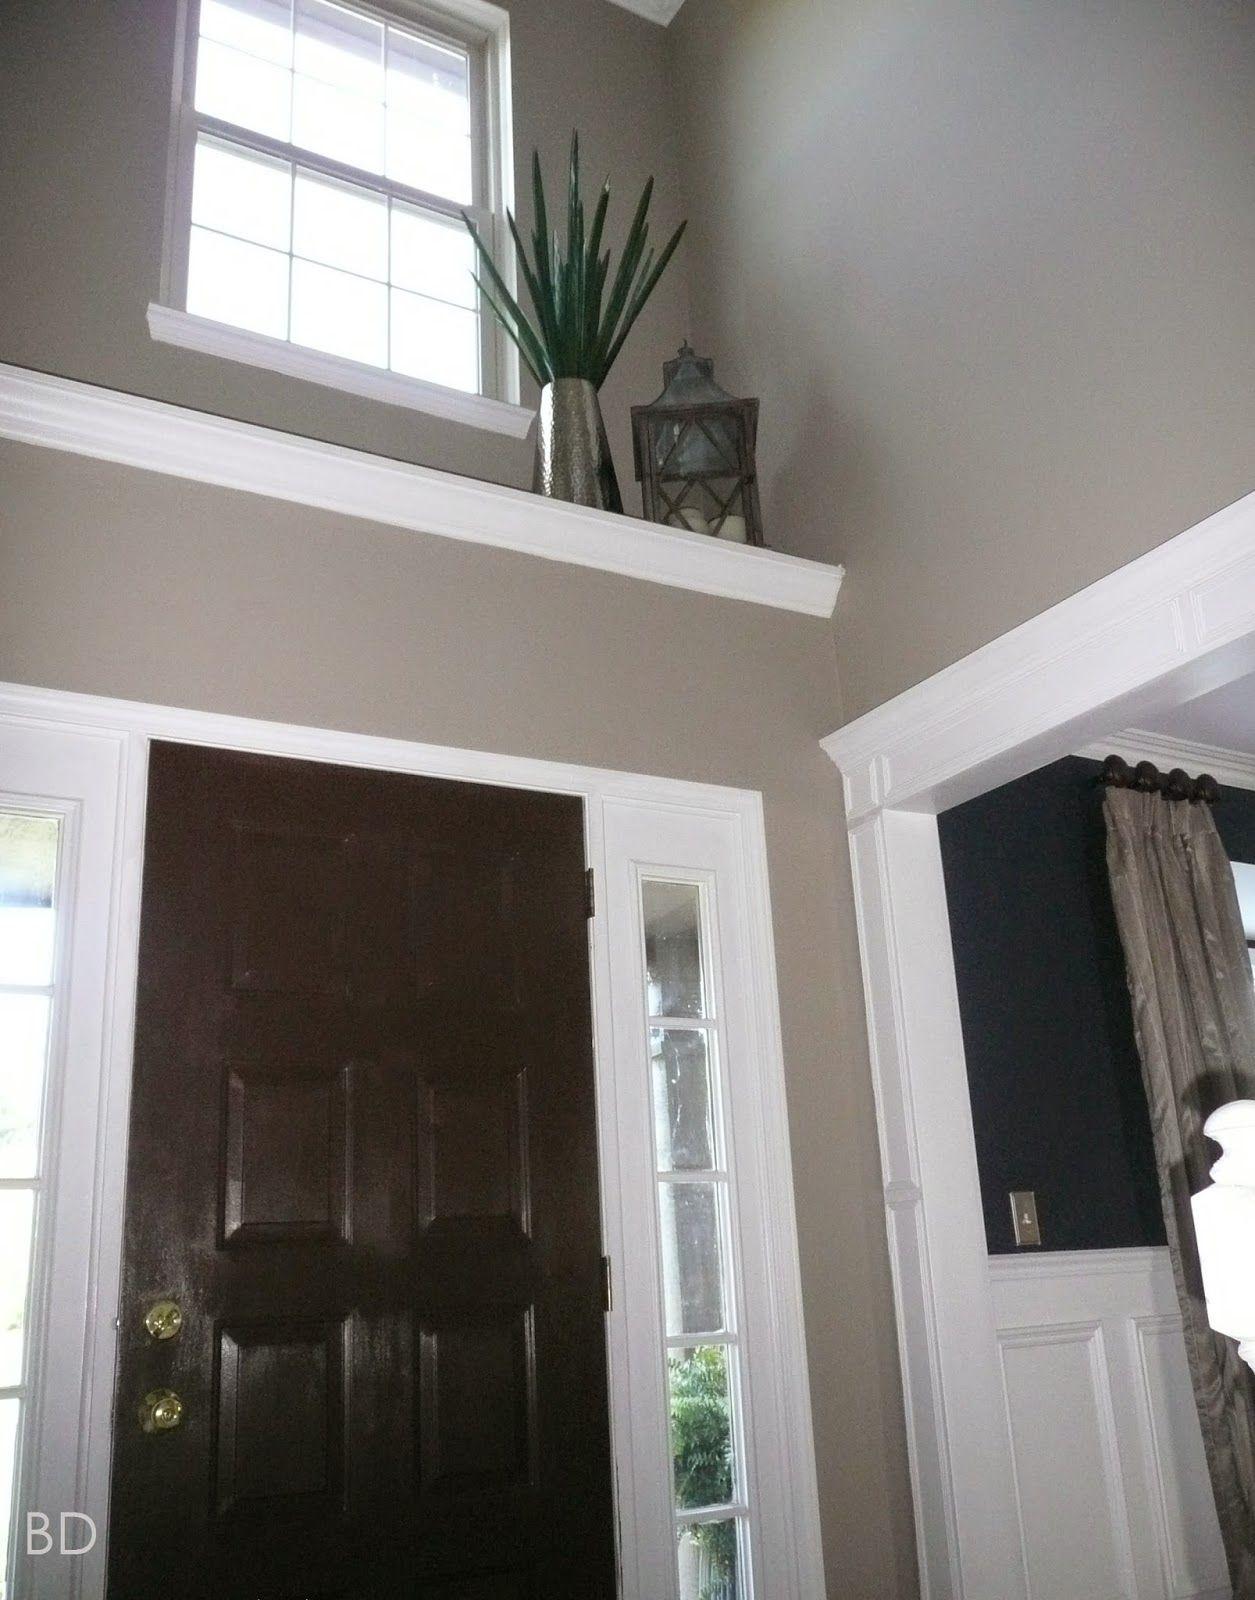 Bellavenia Designs: Do or Don't - Dark Doors are a DO!